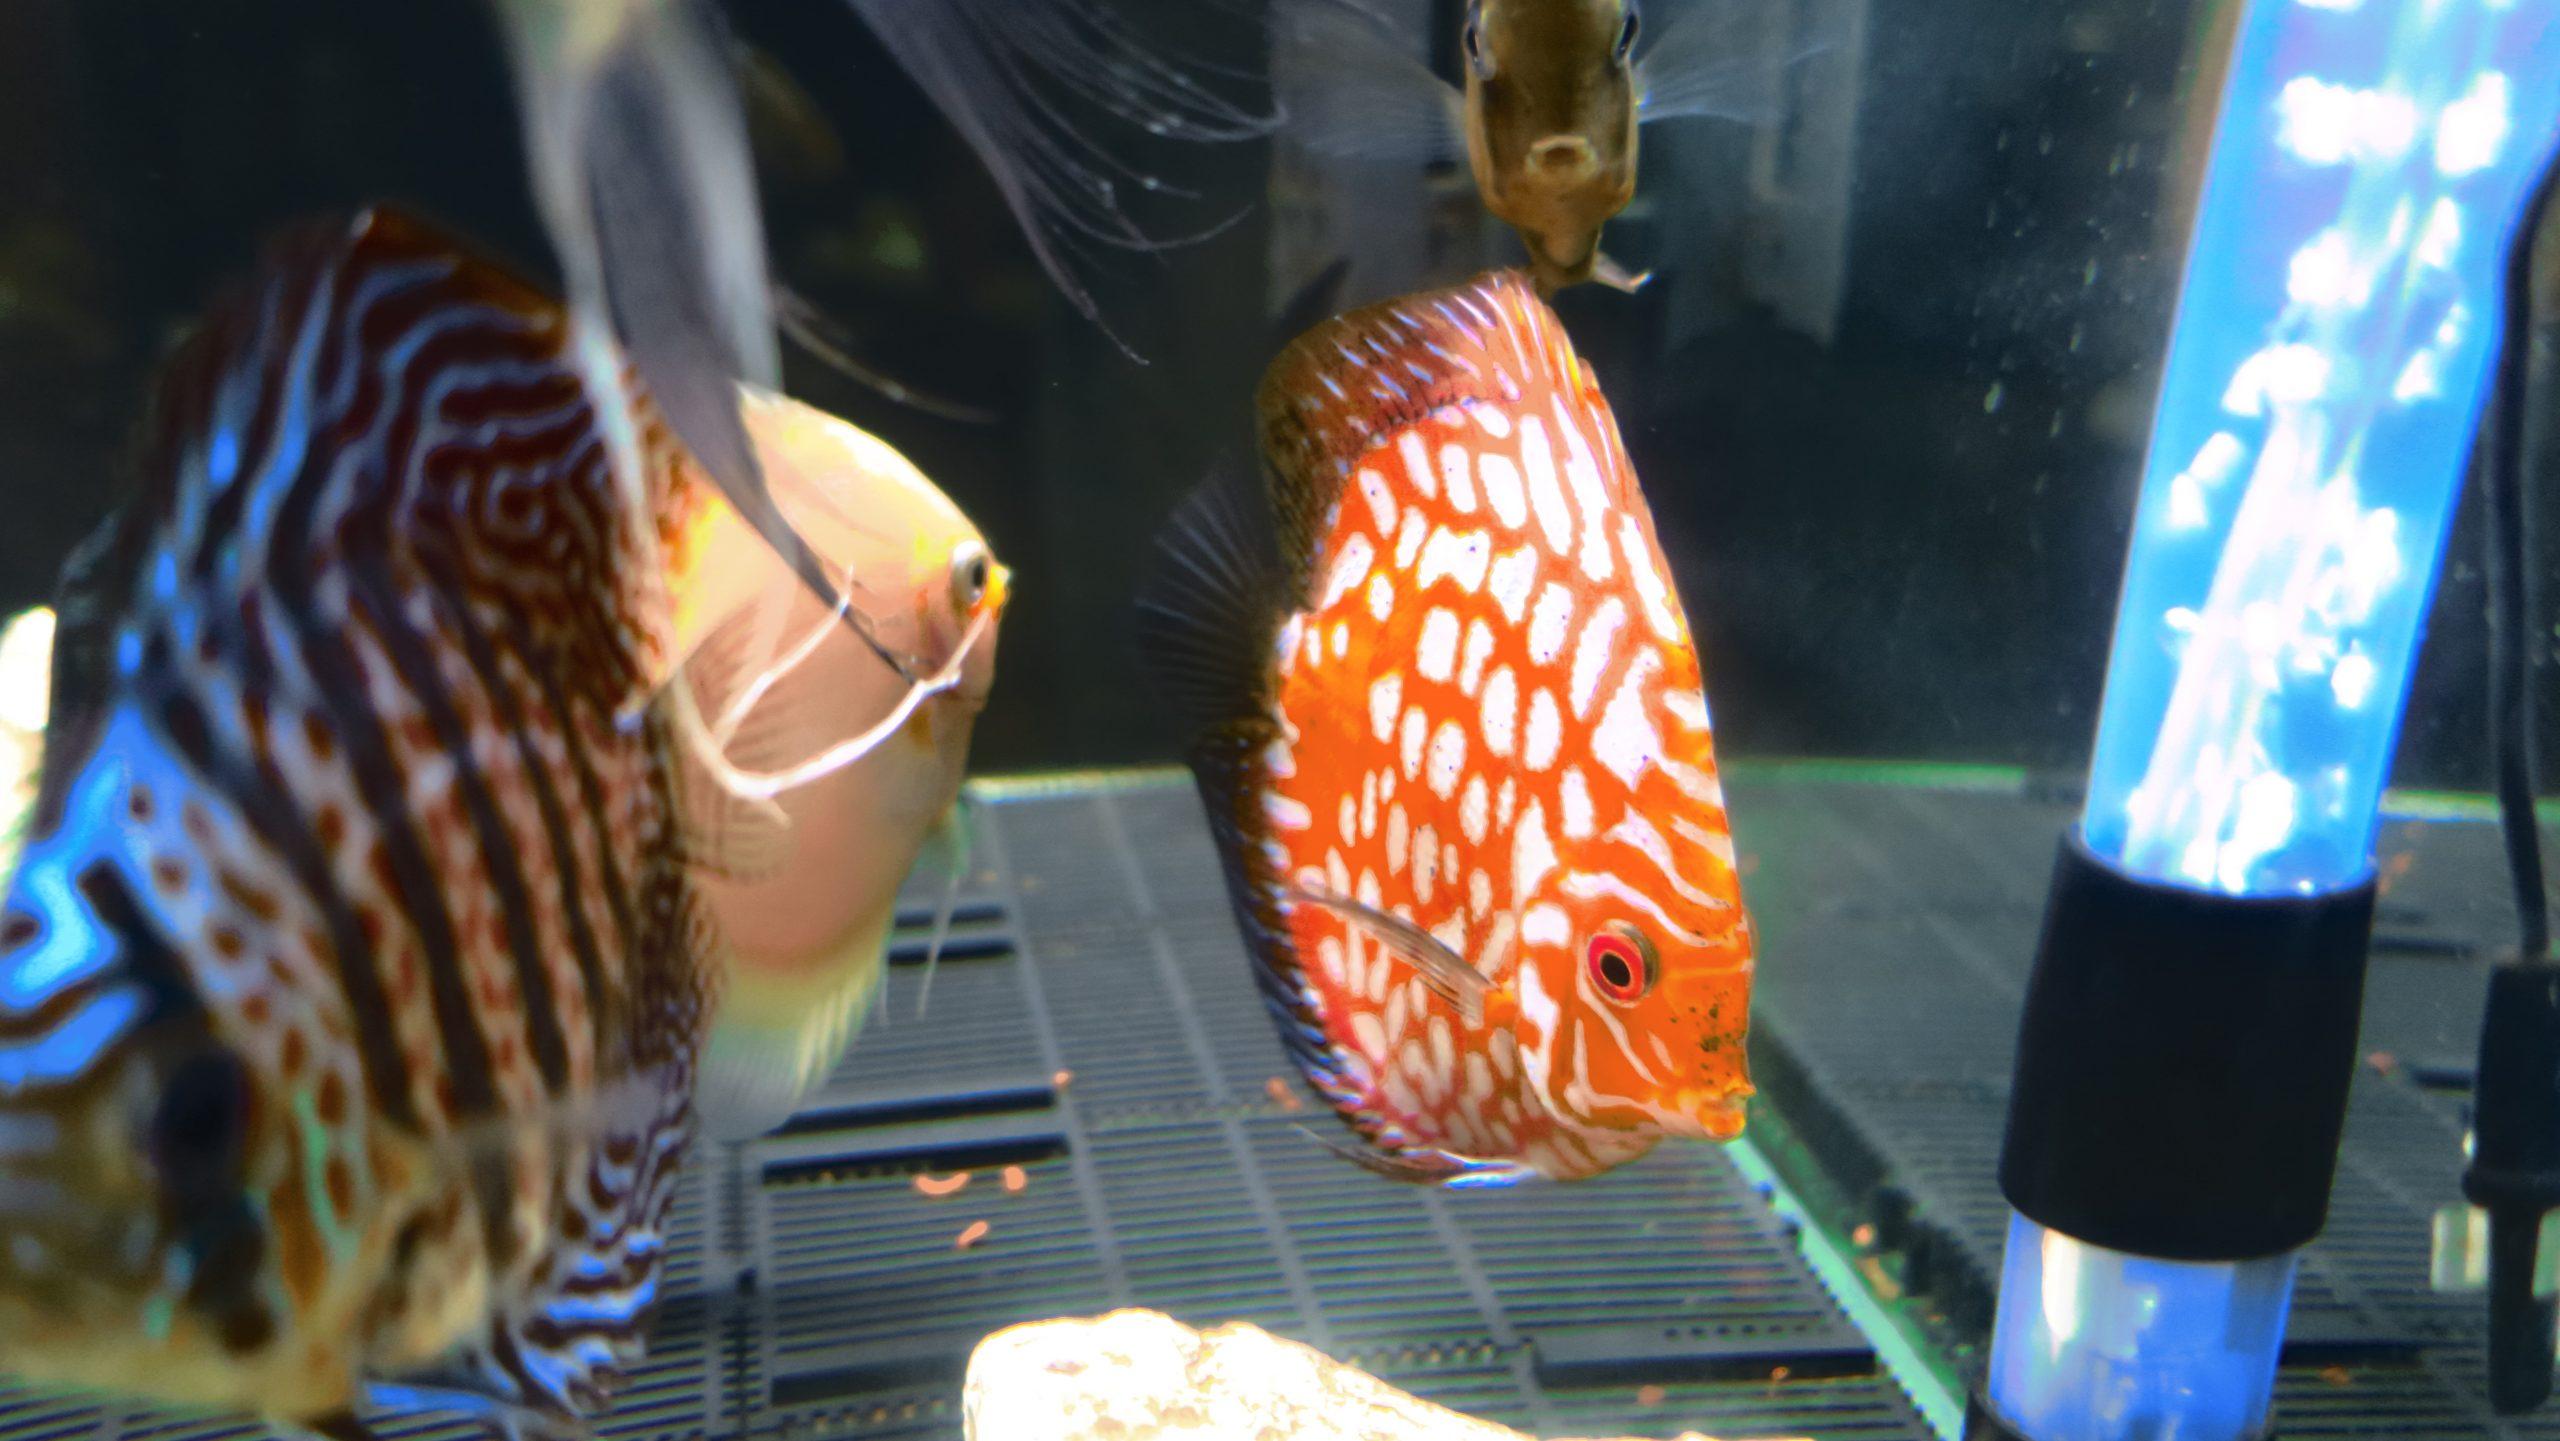 6匹目 熱帯魚の王様ディスカスの紹介と飼育準備!